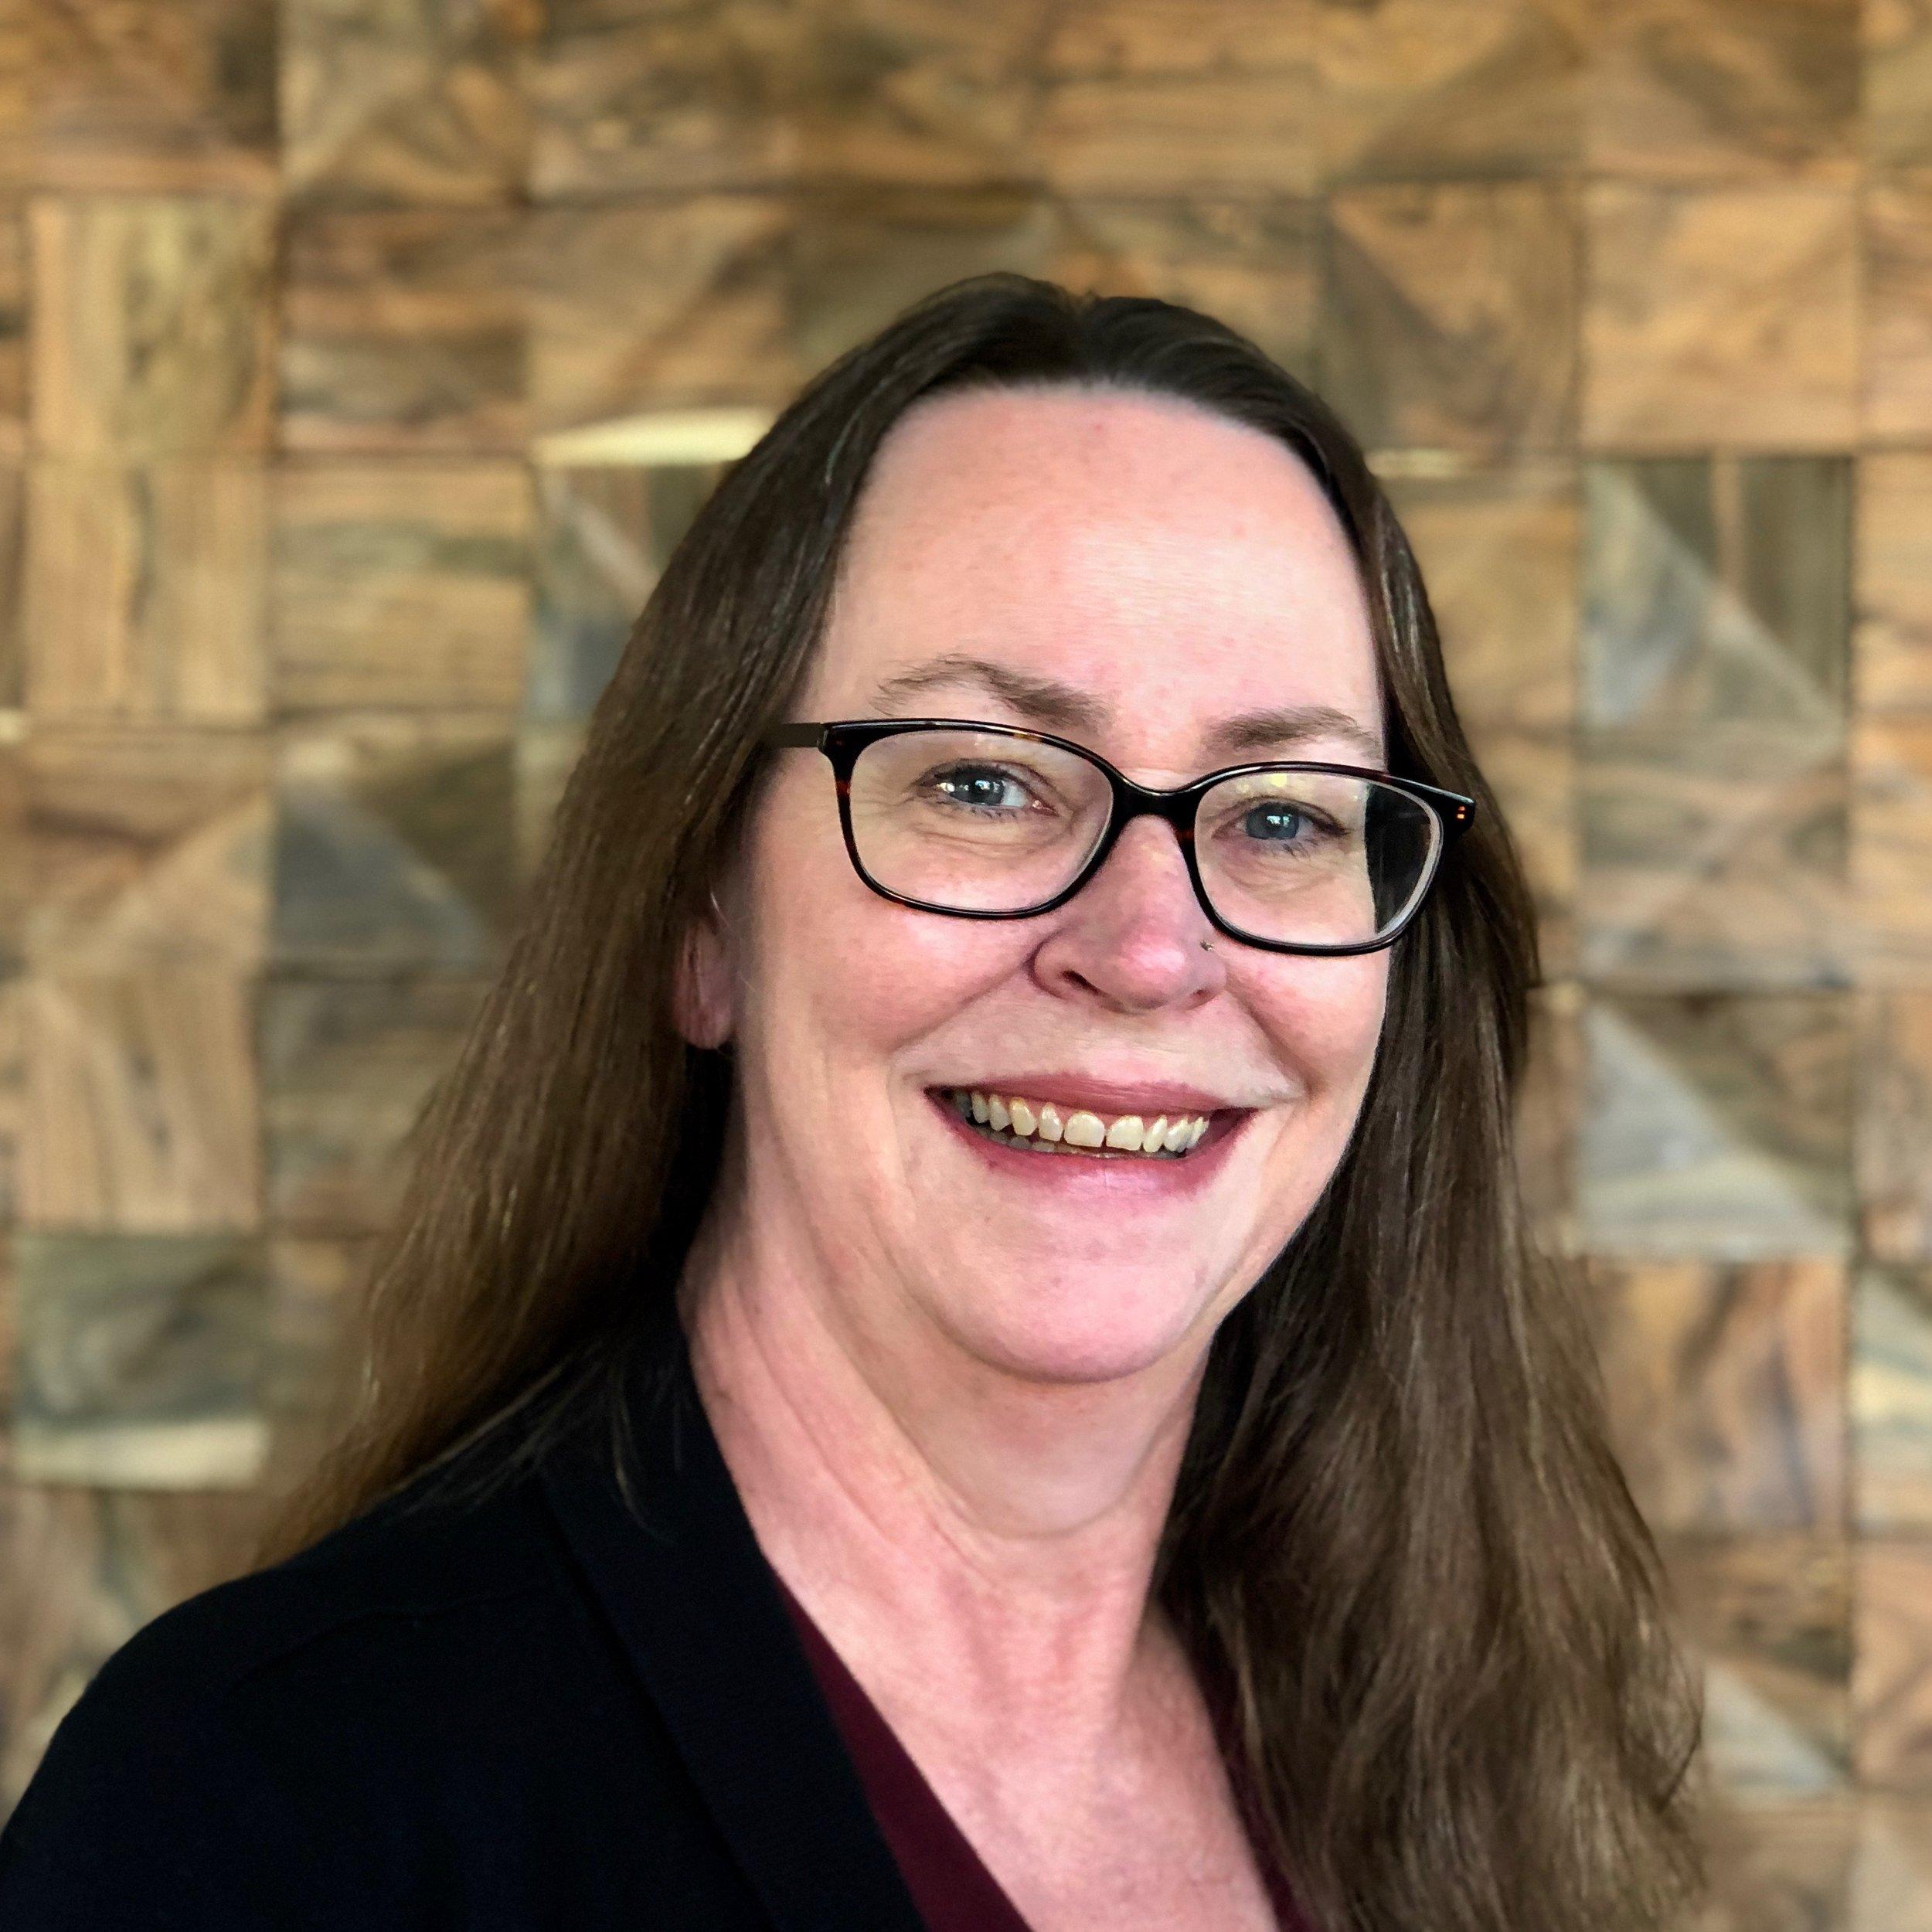 ANN JACKSON   ajackson@laiweb.net  314-446-0207